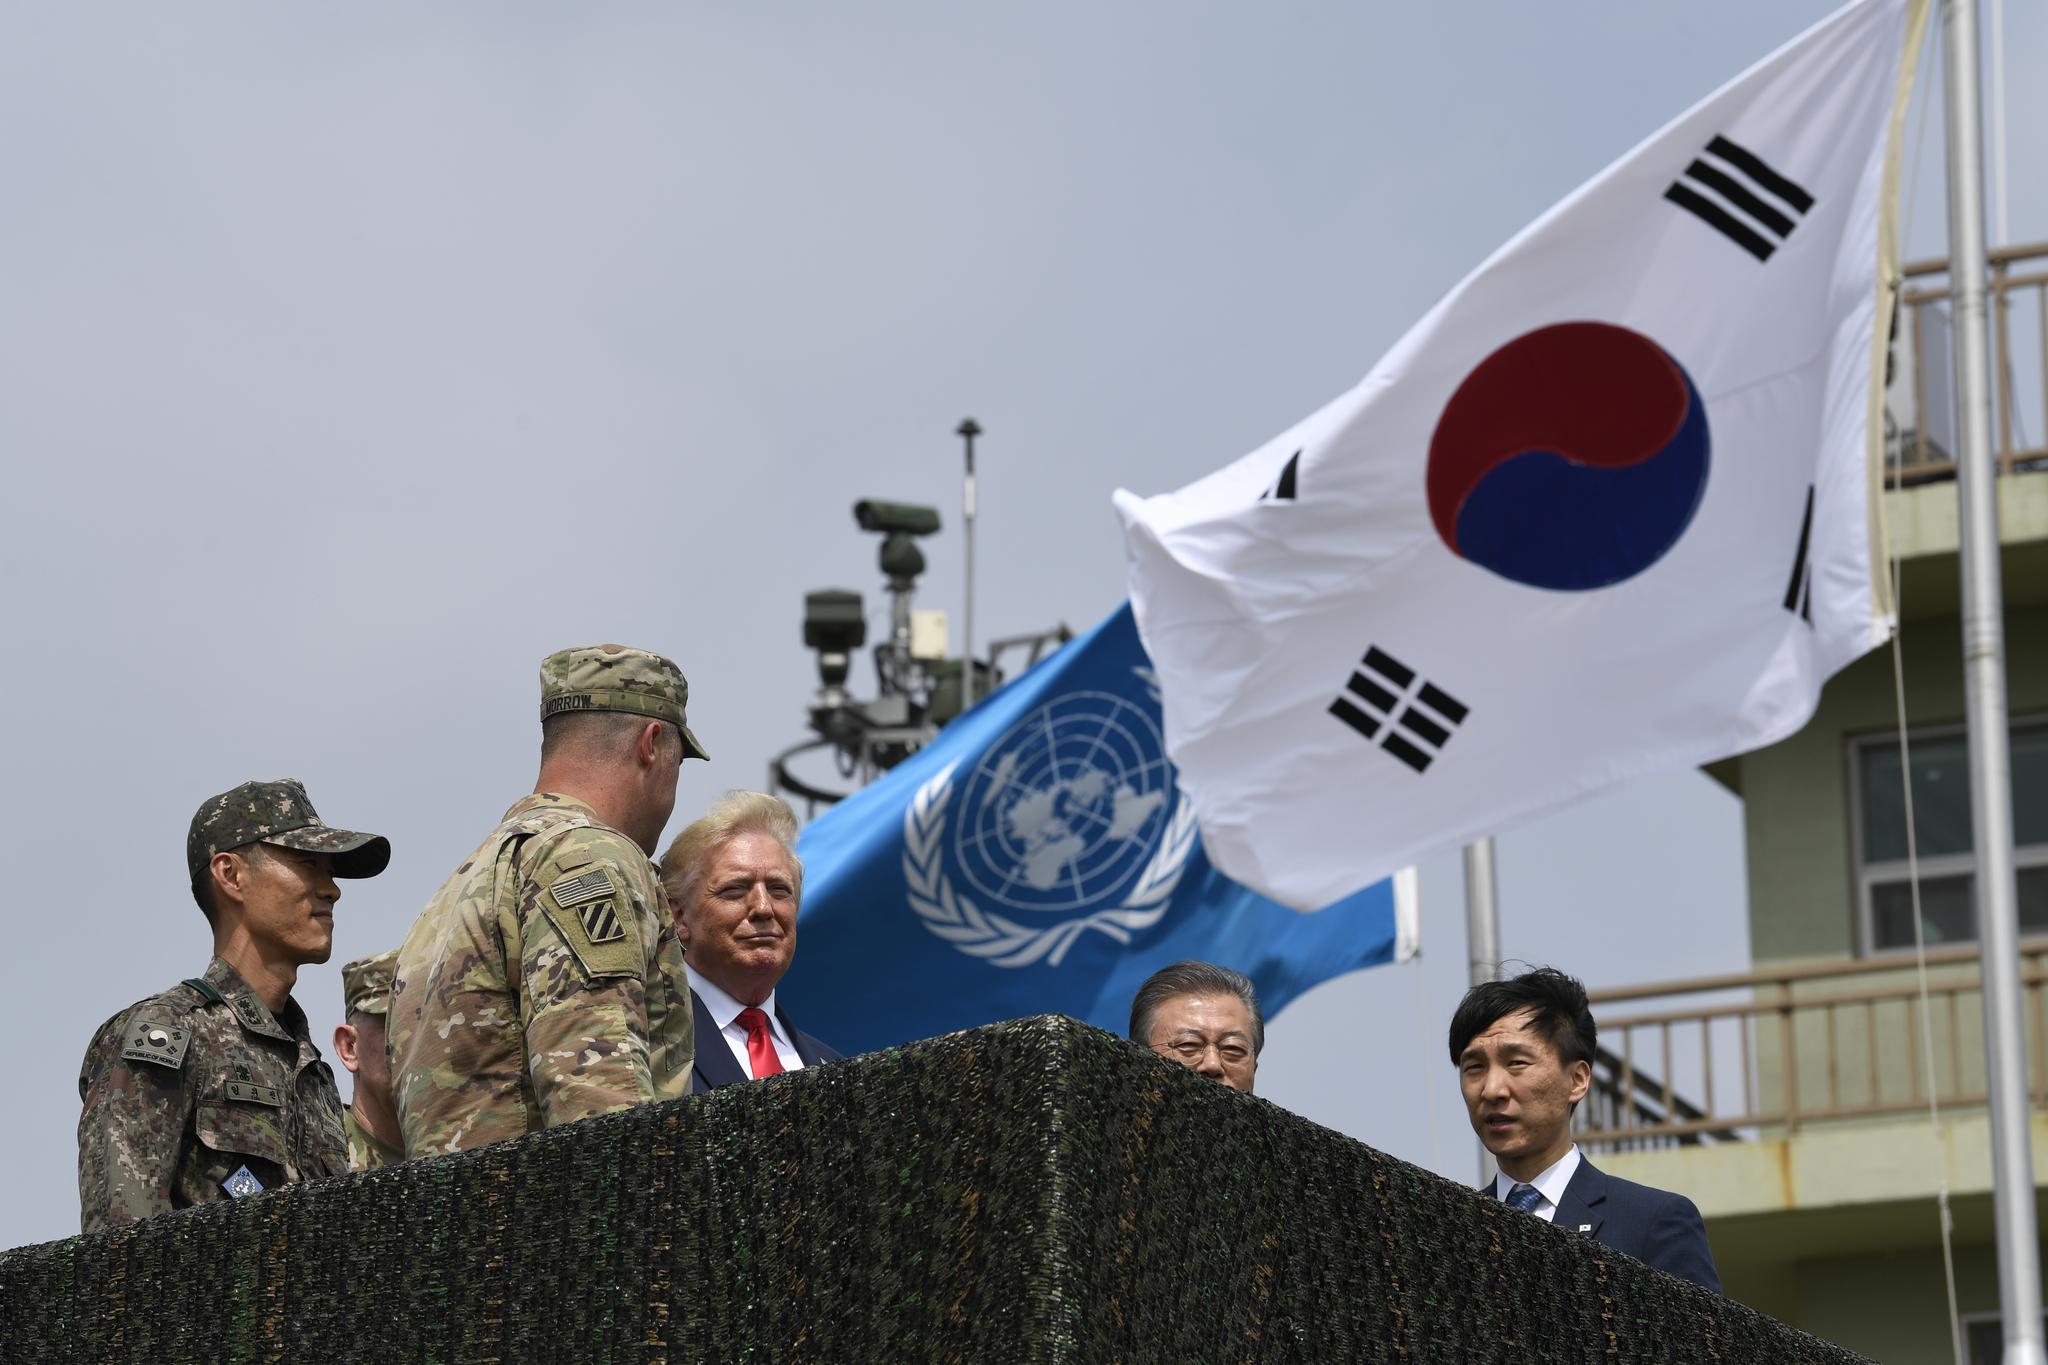 트럼프 미 대통령이 30일 오후DMZ내 오울렛 초소를 문재인 대통령과 함께 방문, 북한땅을 살펴보고 있다. [AP=연합뉴스]